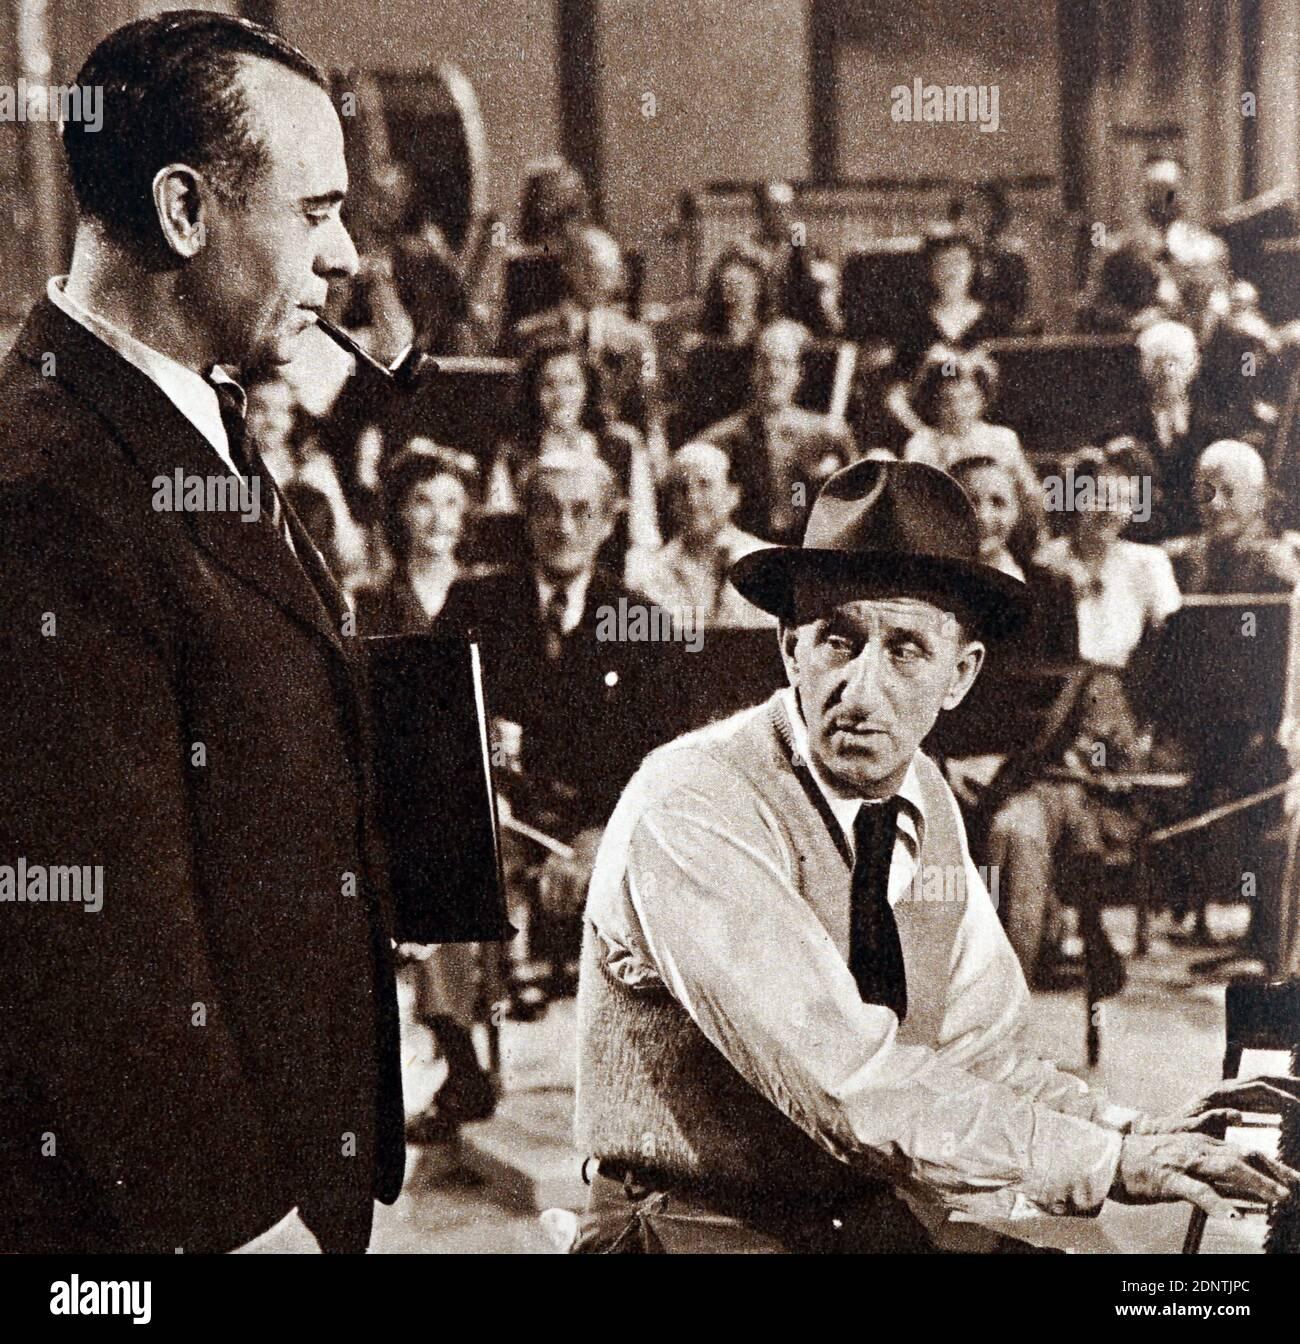 Jose Iturbi Spanish conductor pianist antique photo